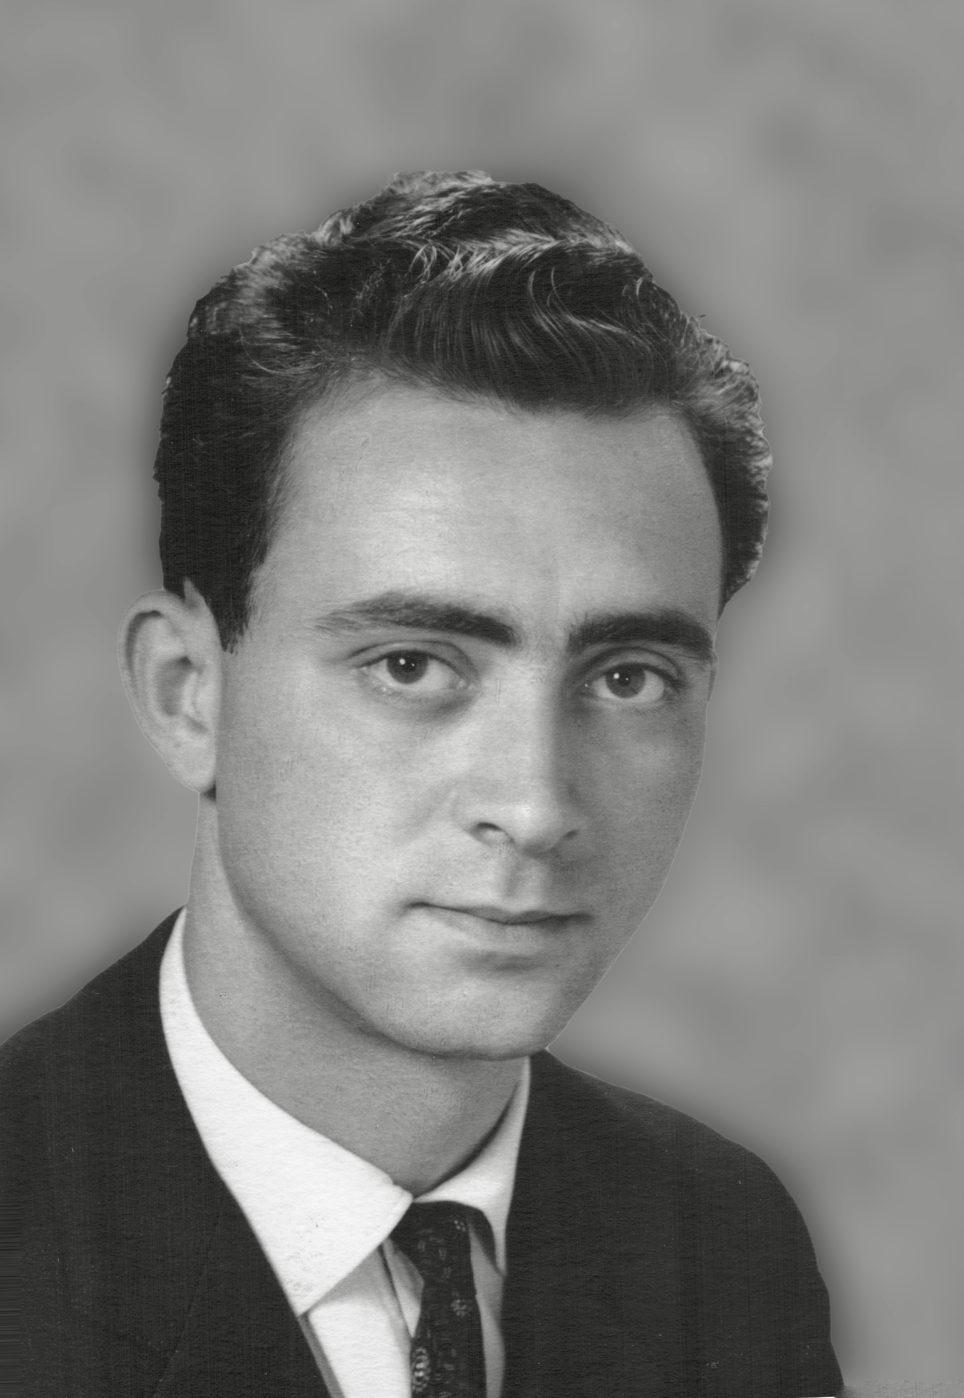 Salvatore Giaco